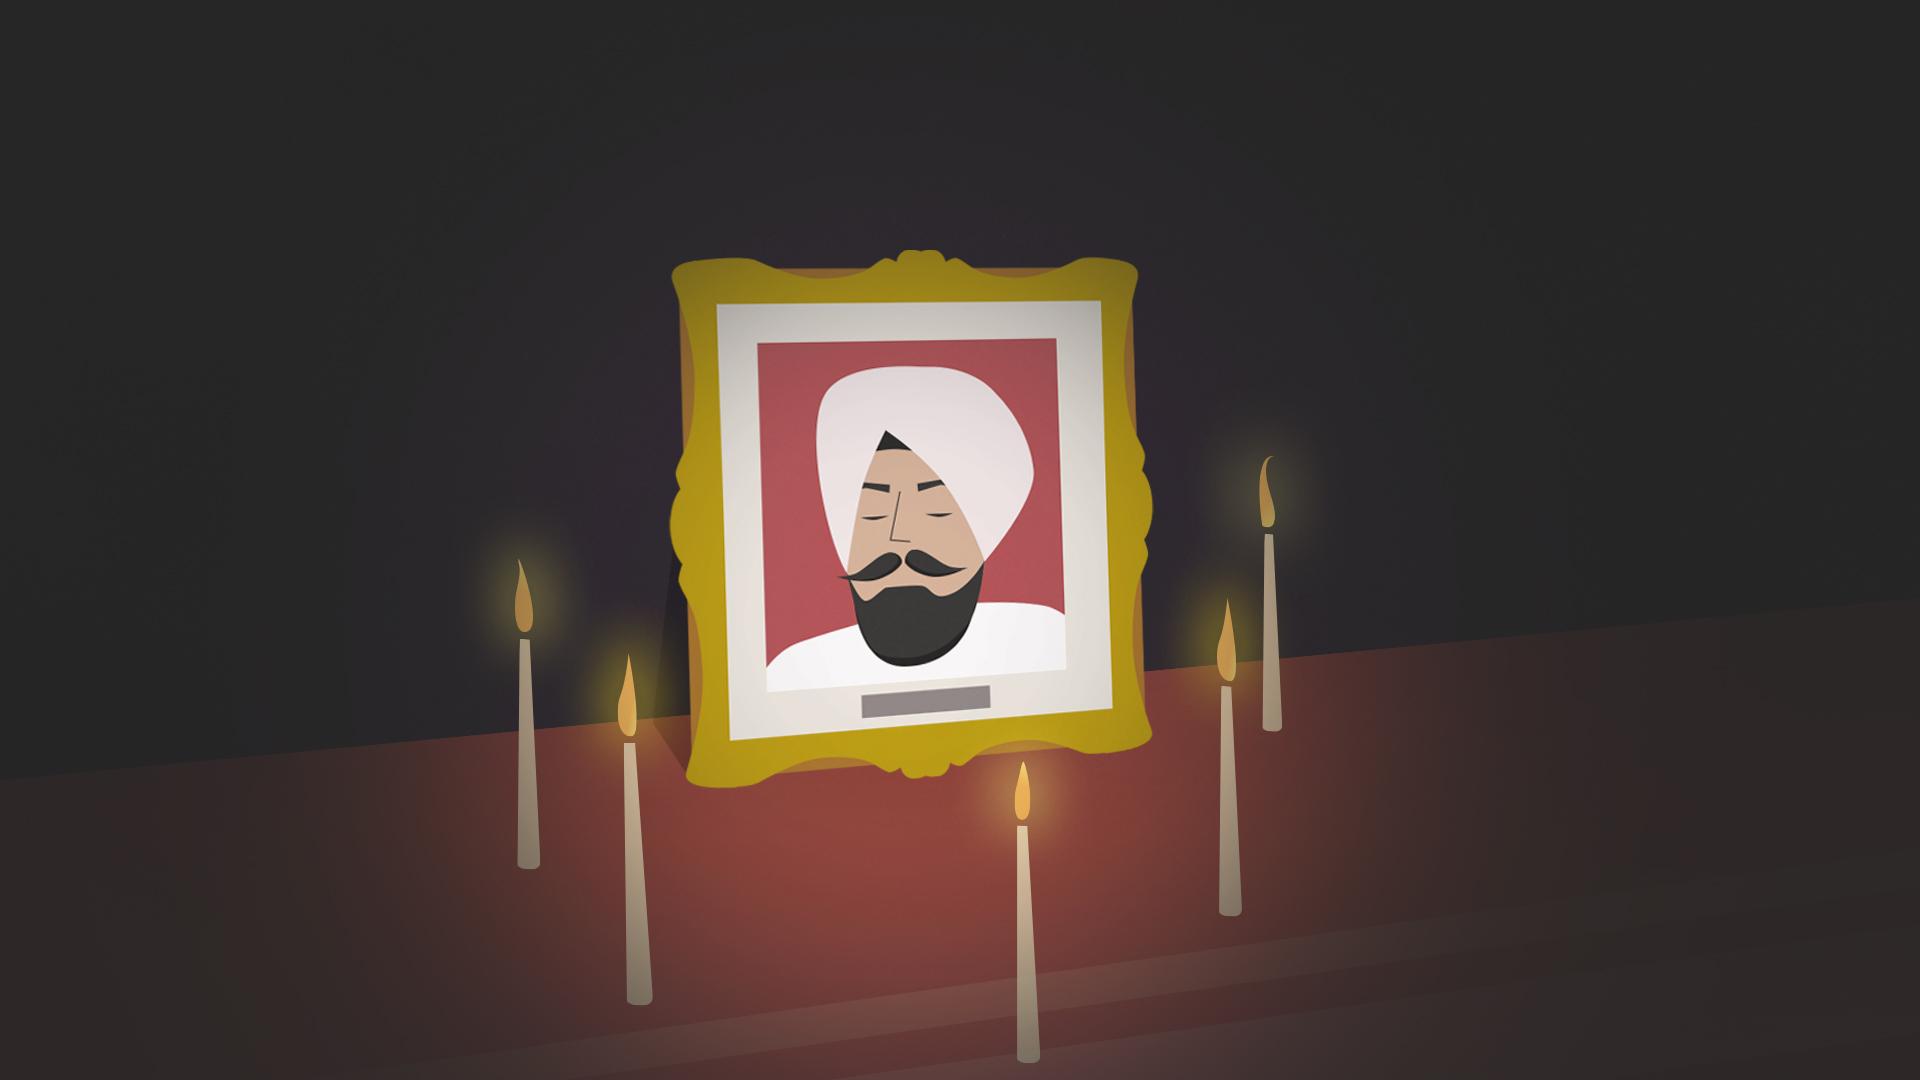 Sikh_man.jpg